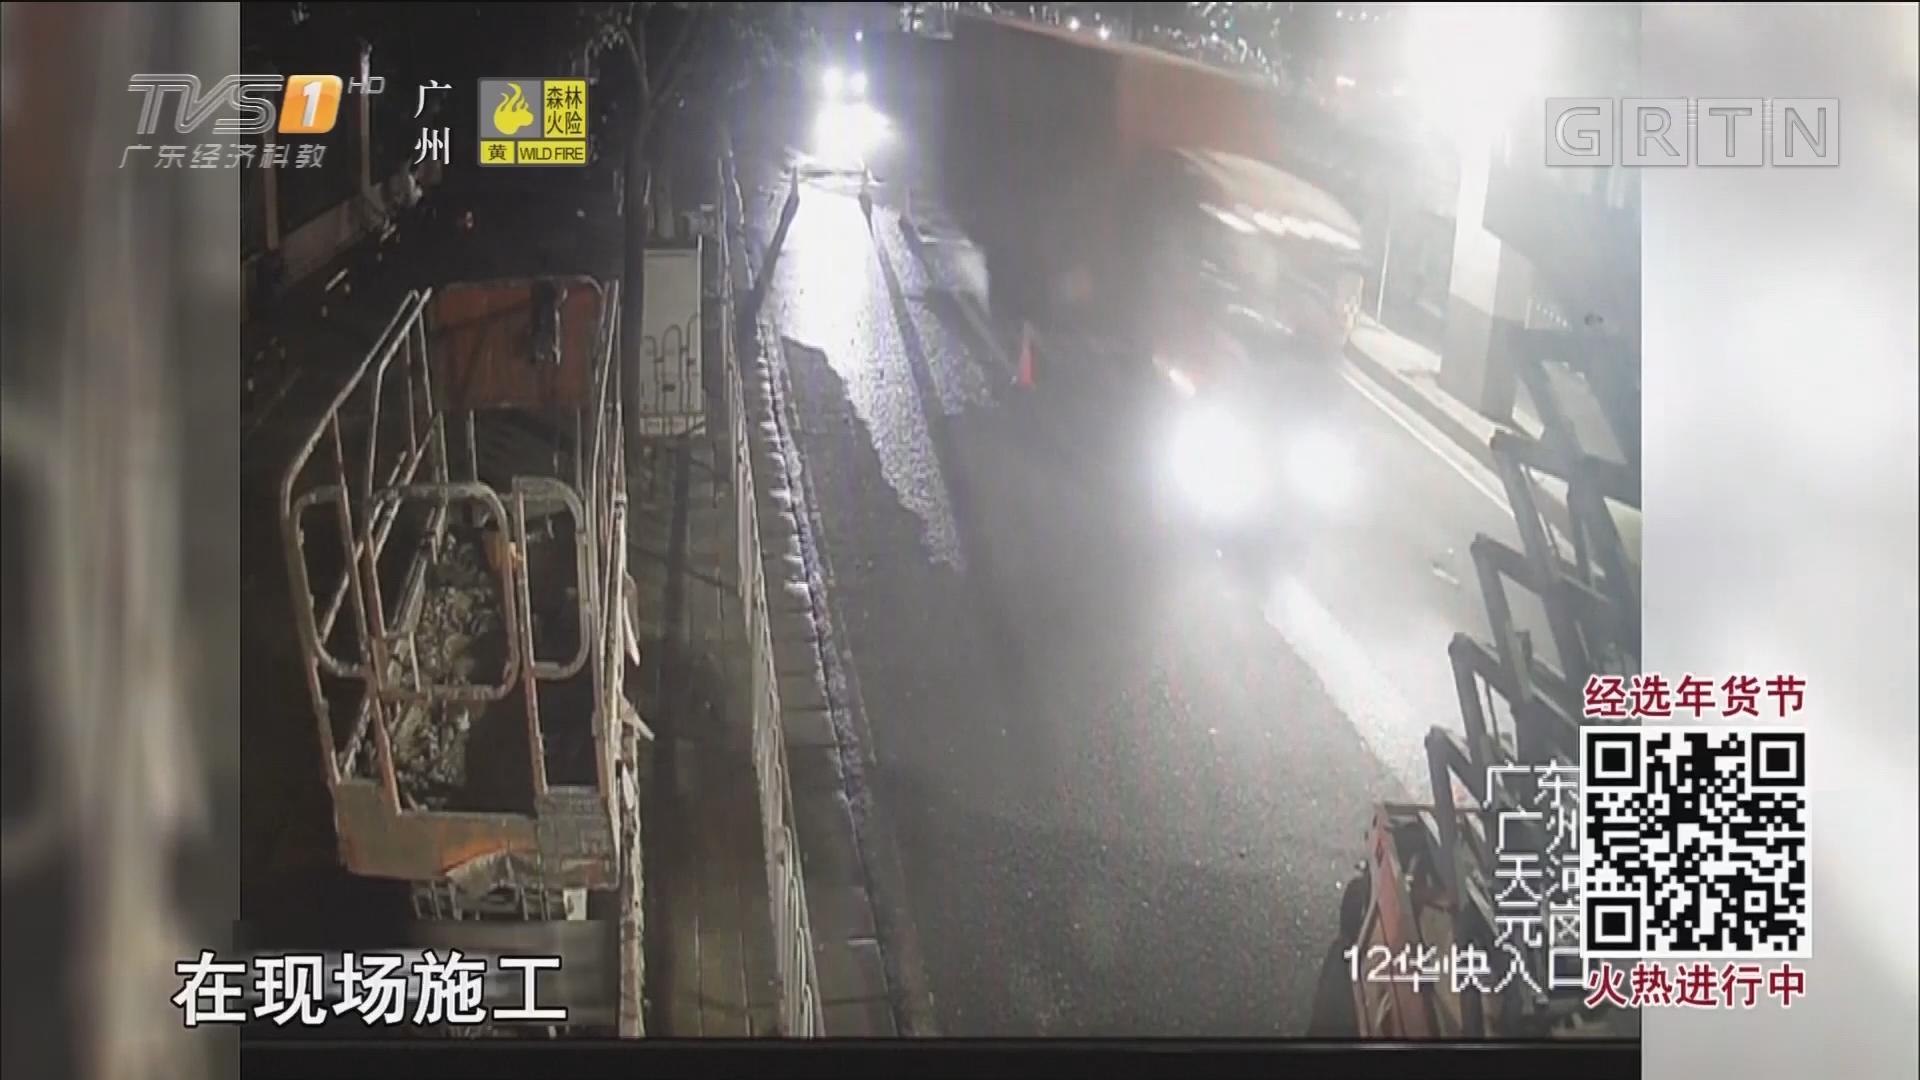 货车撞升降台致工人身亡 施工单位责任人被追刑责